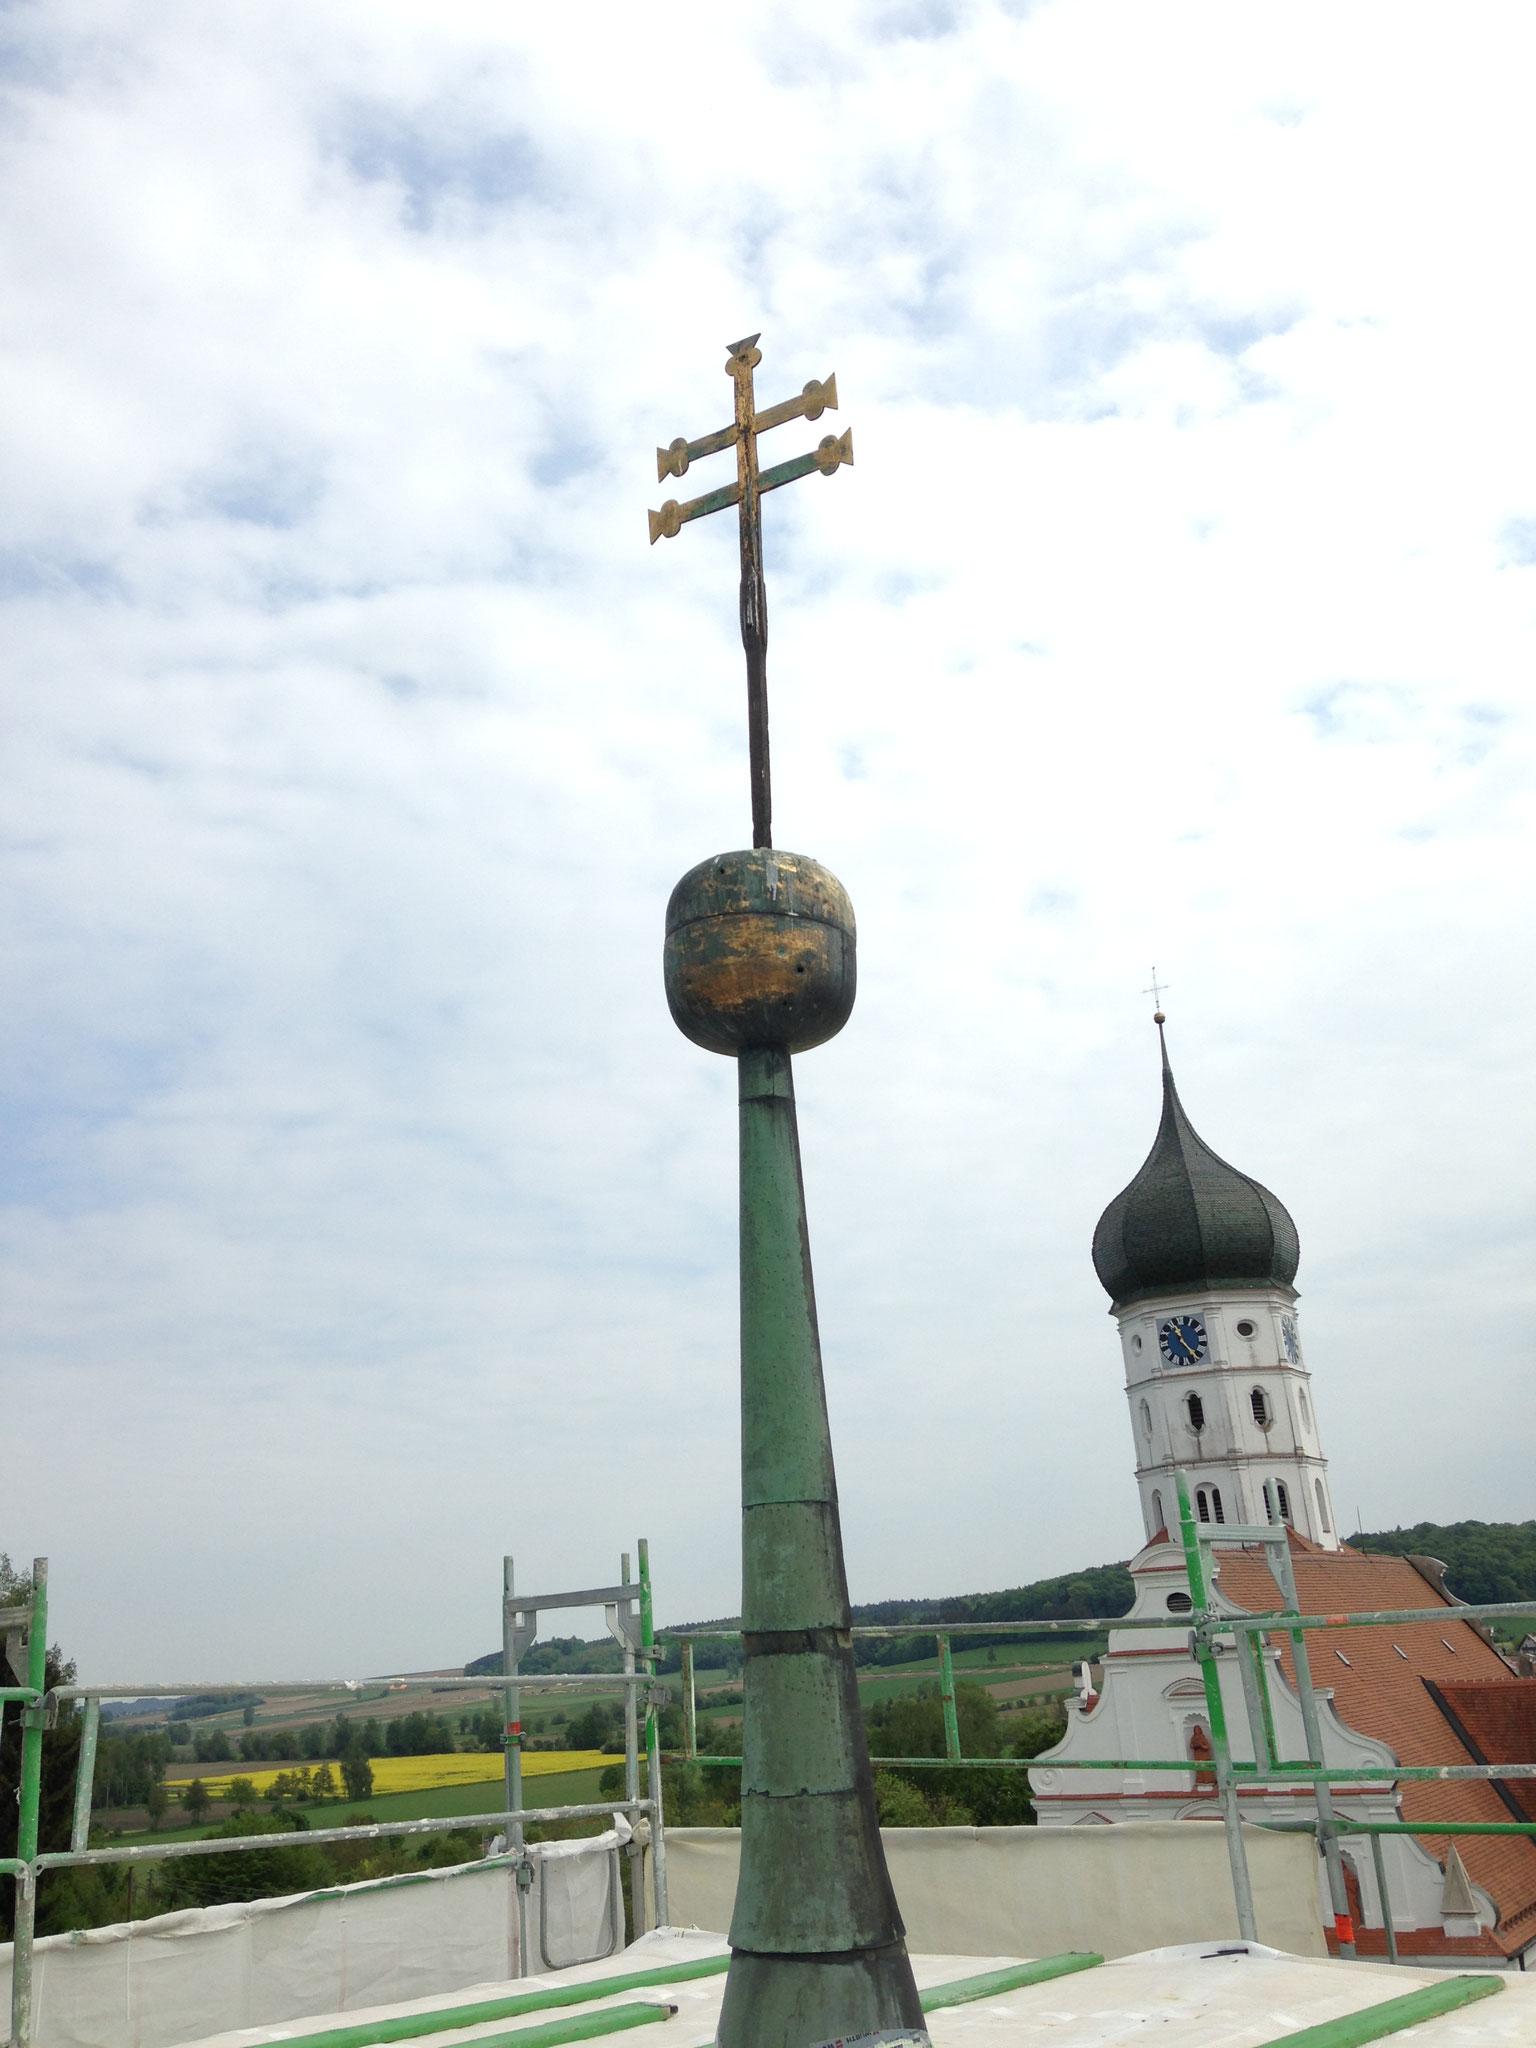 Nur die Turmspitze ragt aus dem Gerüstaufbau heraus